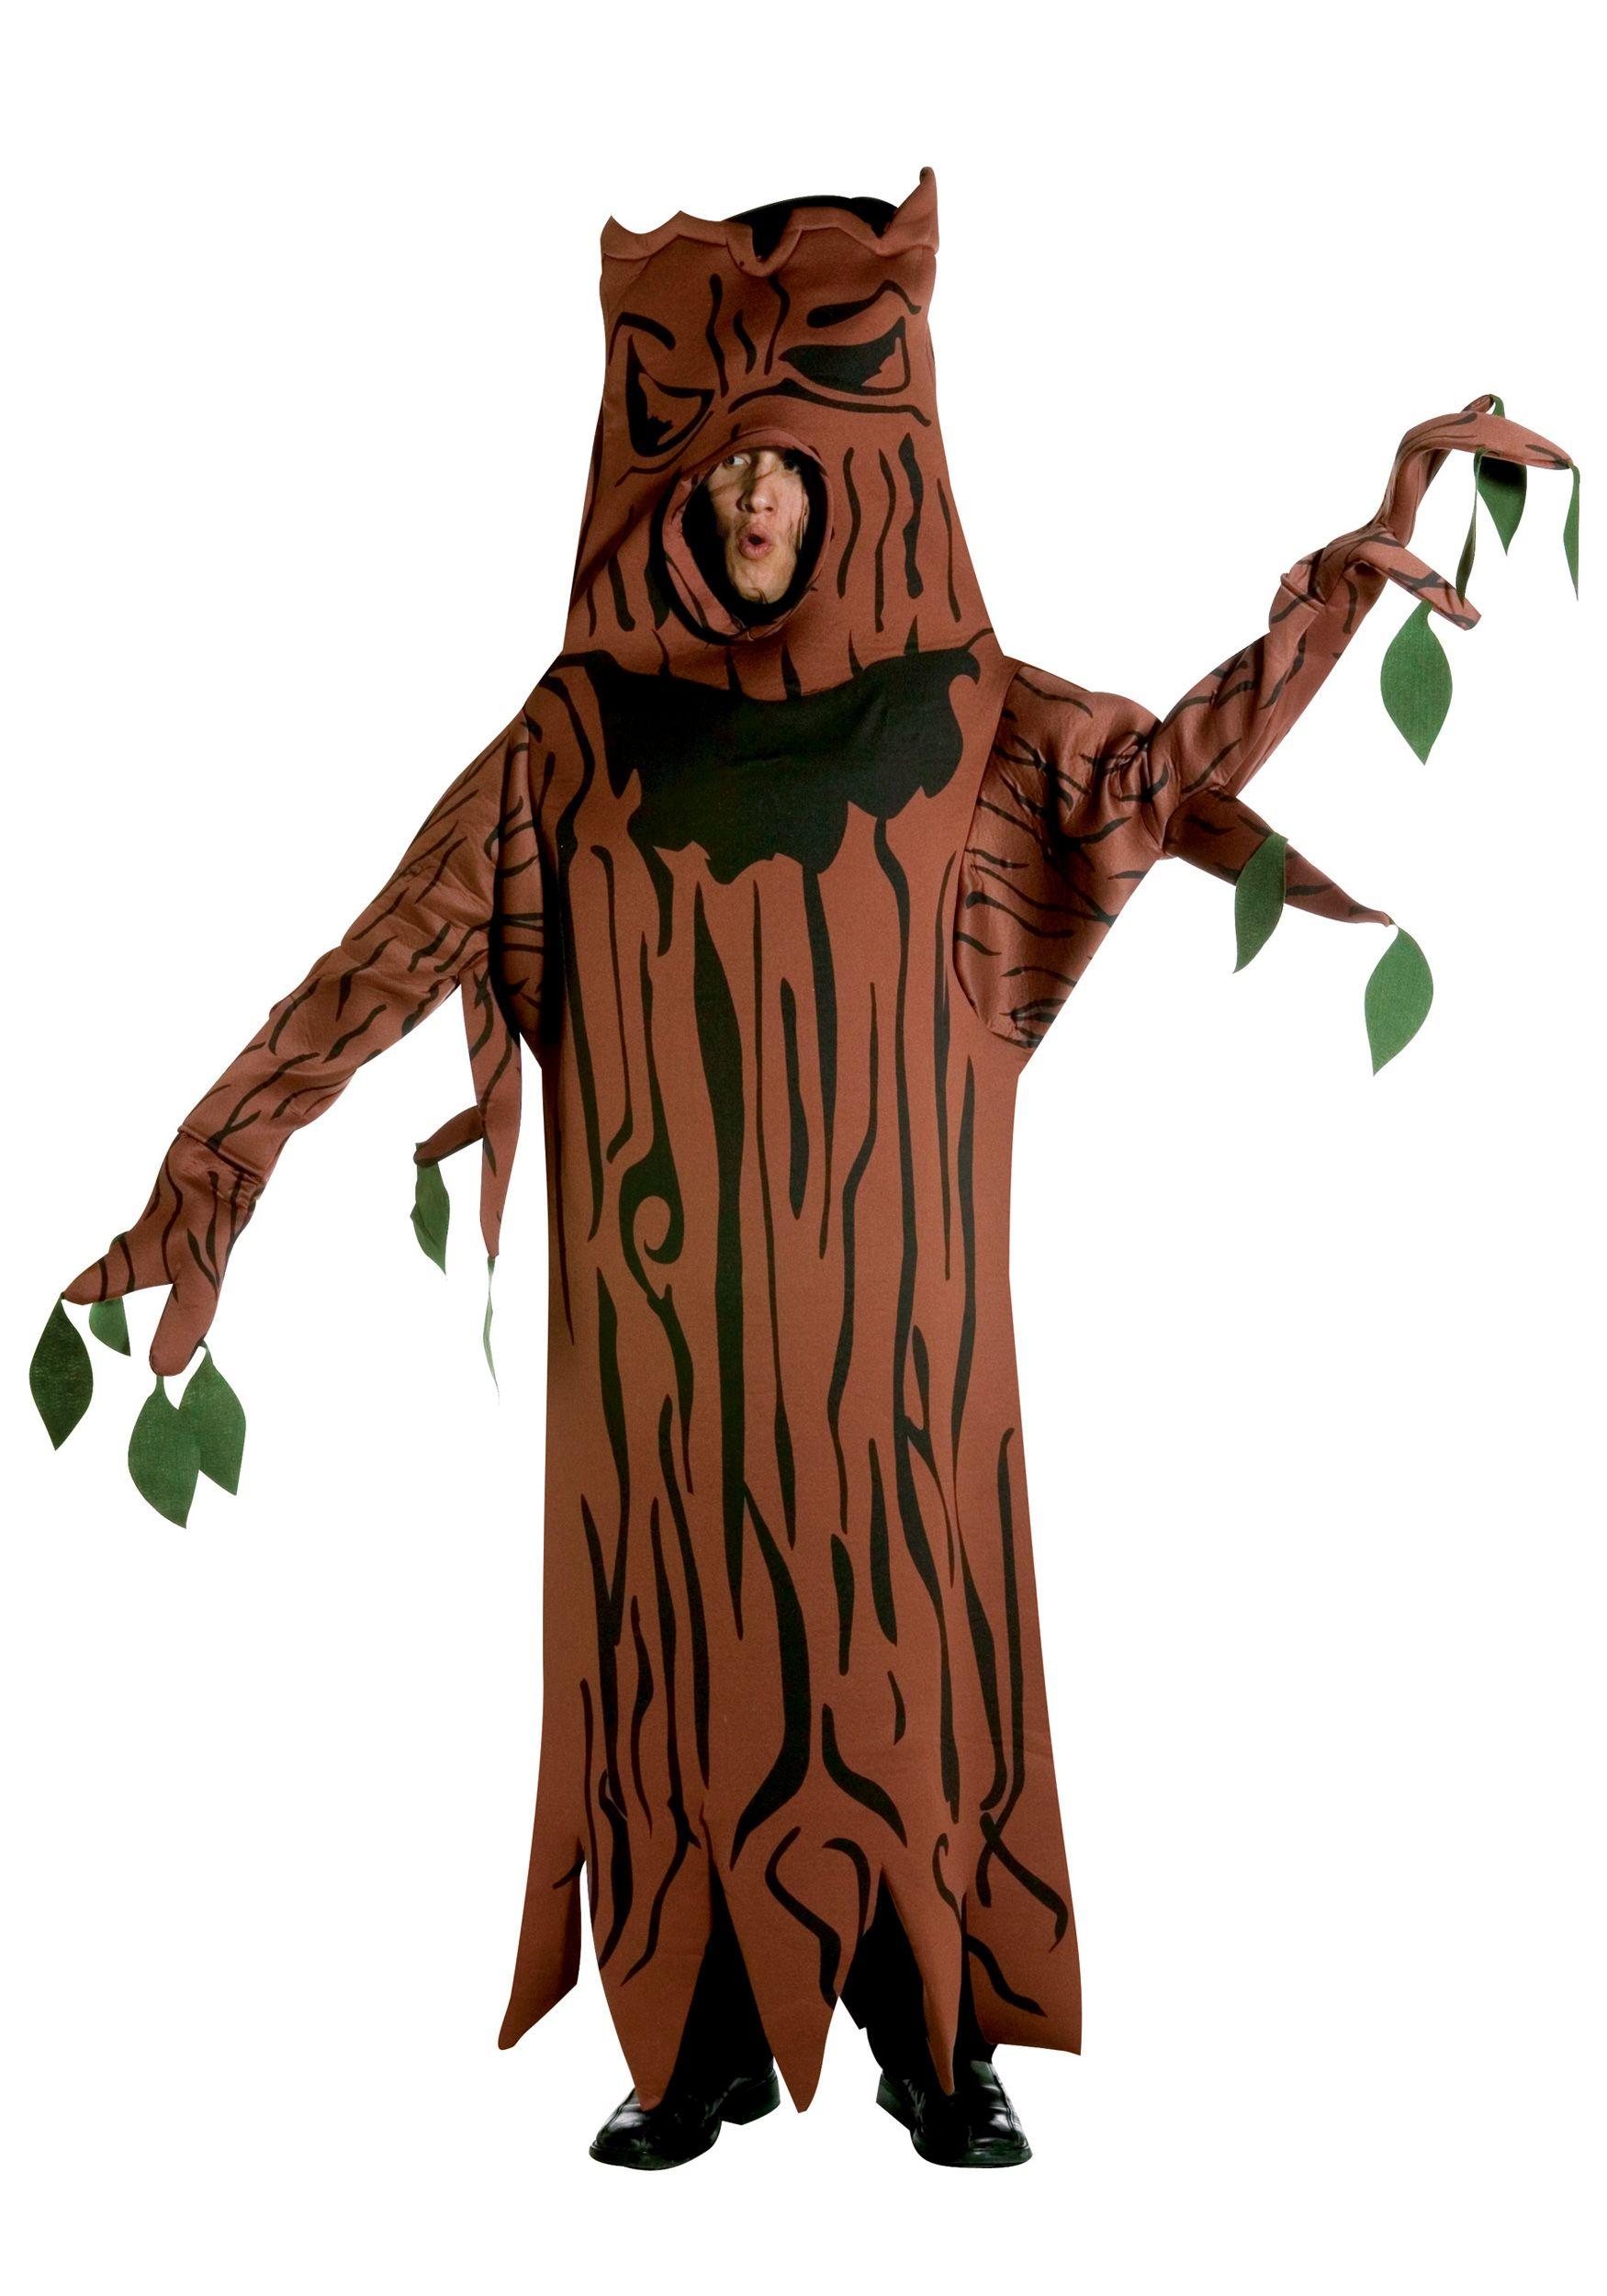 Preparing #halloweencostume ' Spooky Tree